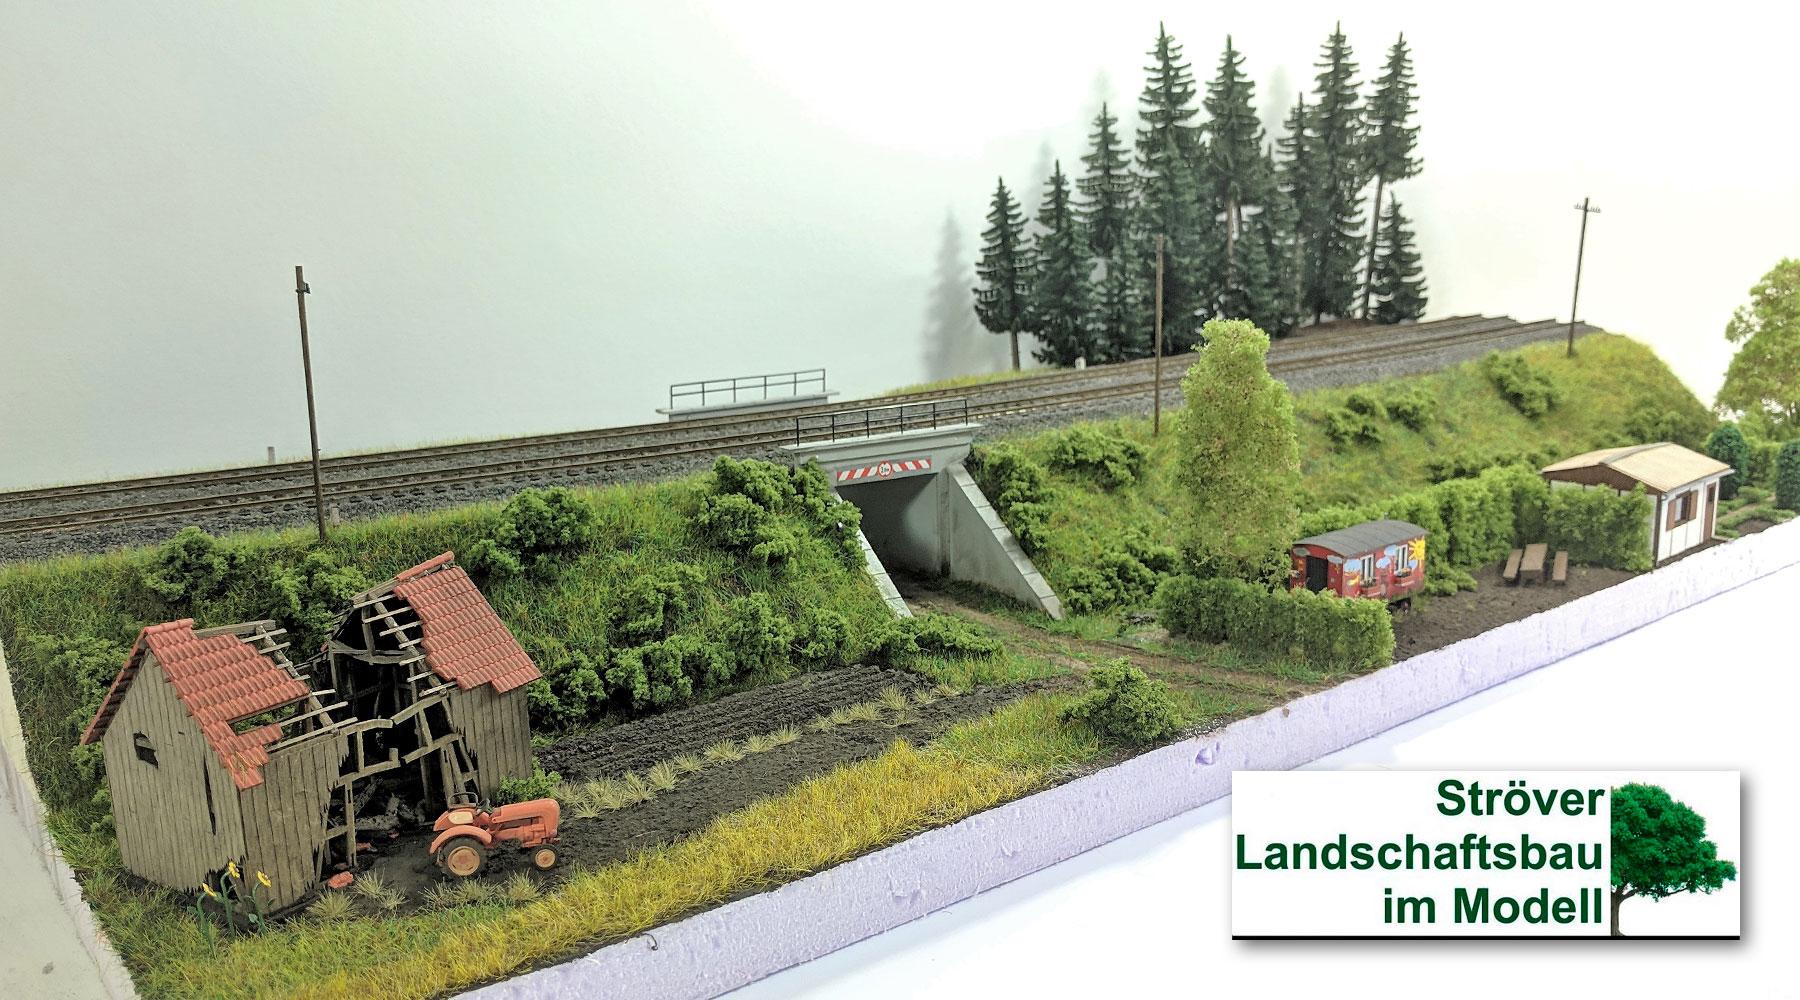 Busch Landschaftsbau Seminar In Viernheim Mit Thorsten Strover 13